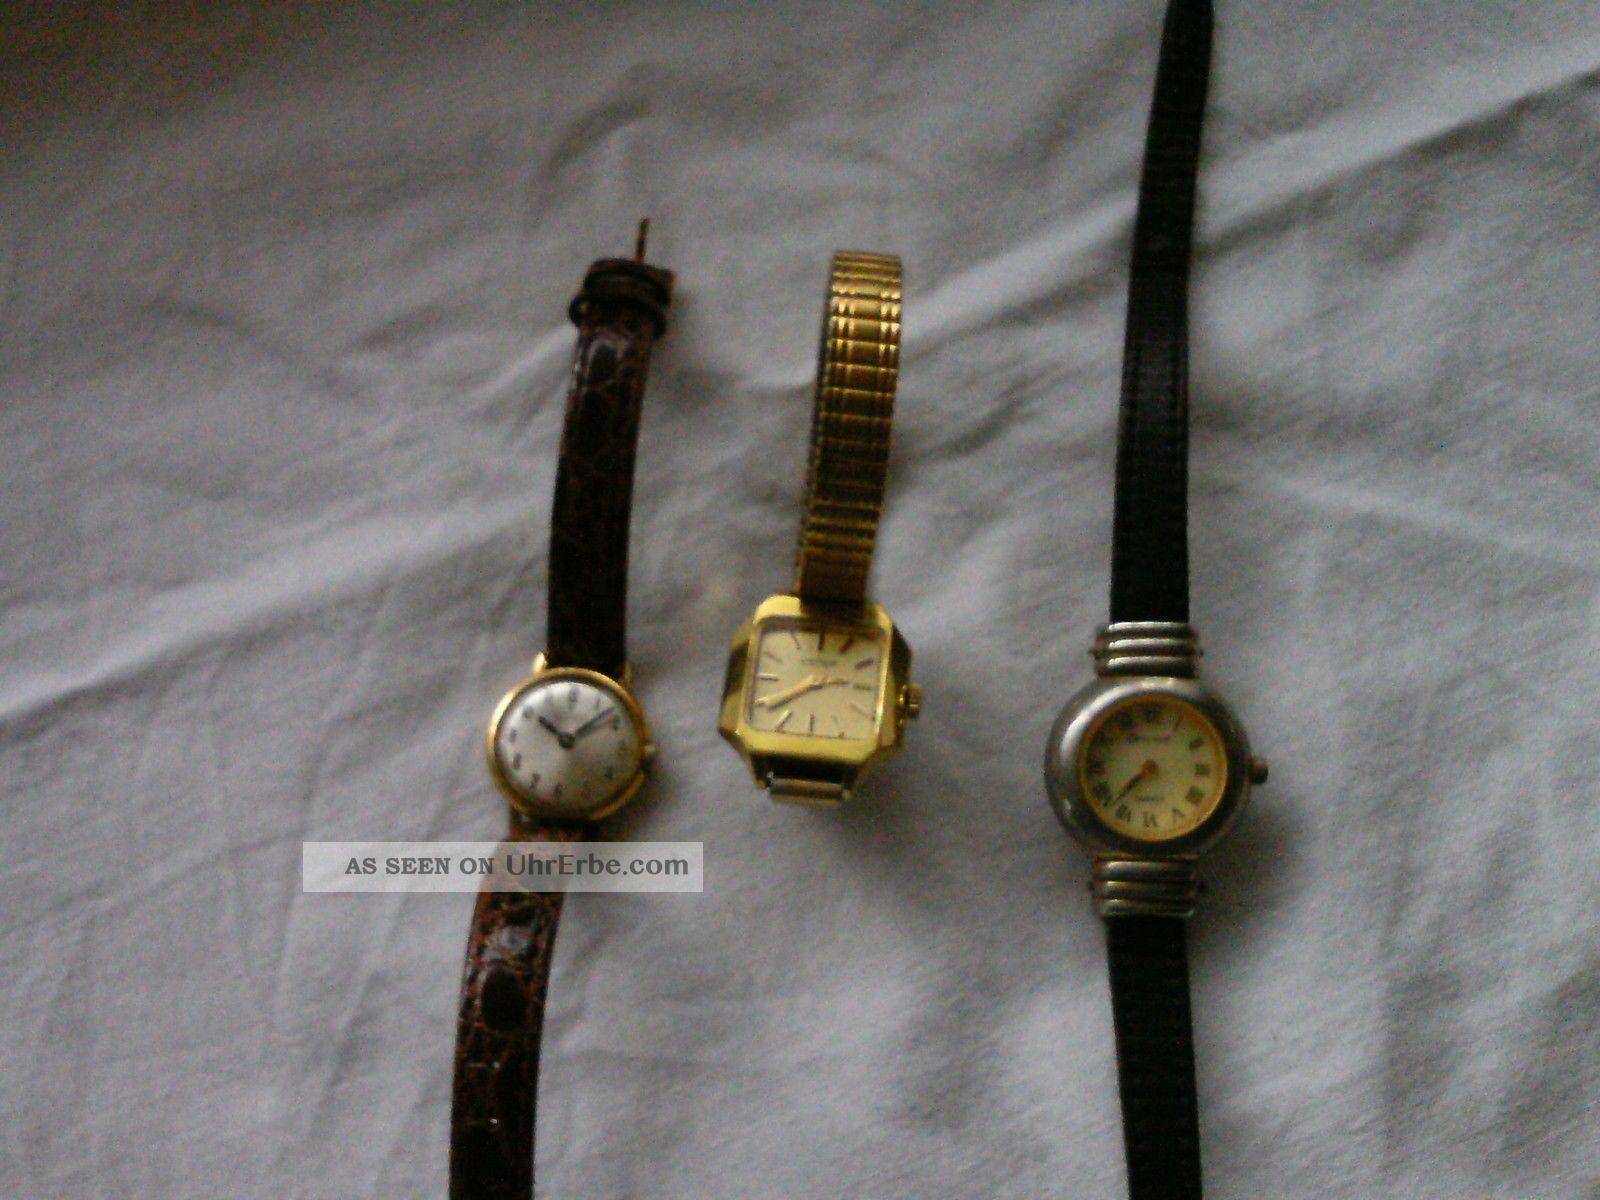 Damen 3 3 UhrenJunghansGreinerPallas 3 Damen Damen Armband Armband UhrenJunghansGreinerPallas UhrenJunghansGreinerPallas 3 Armband Armband Damen OPZlukXiTw